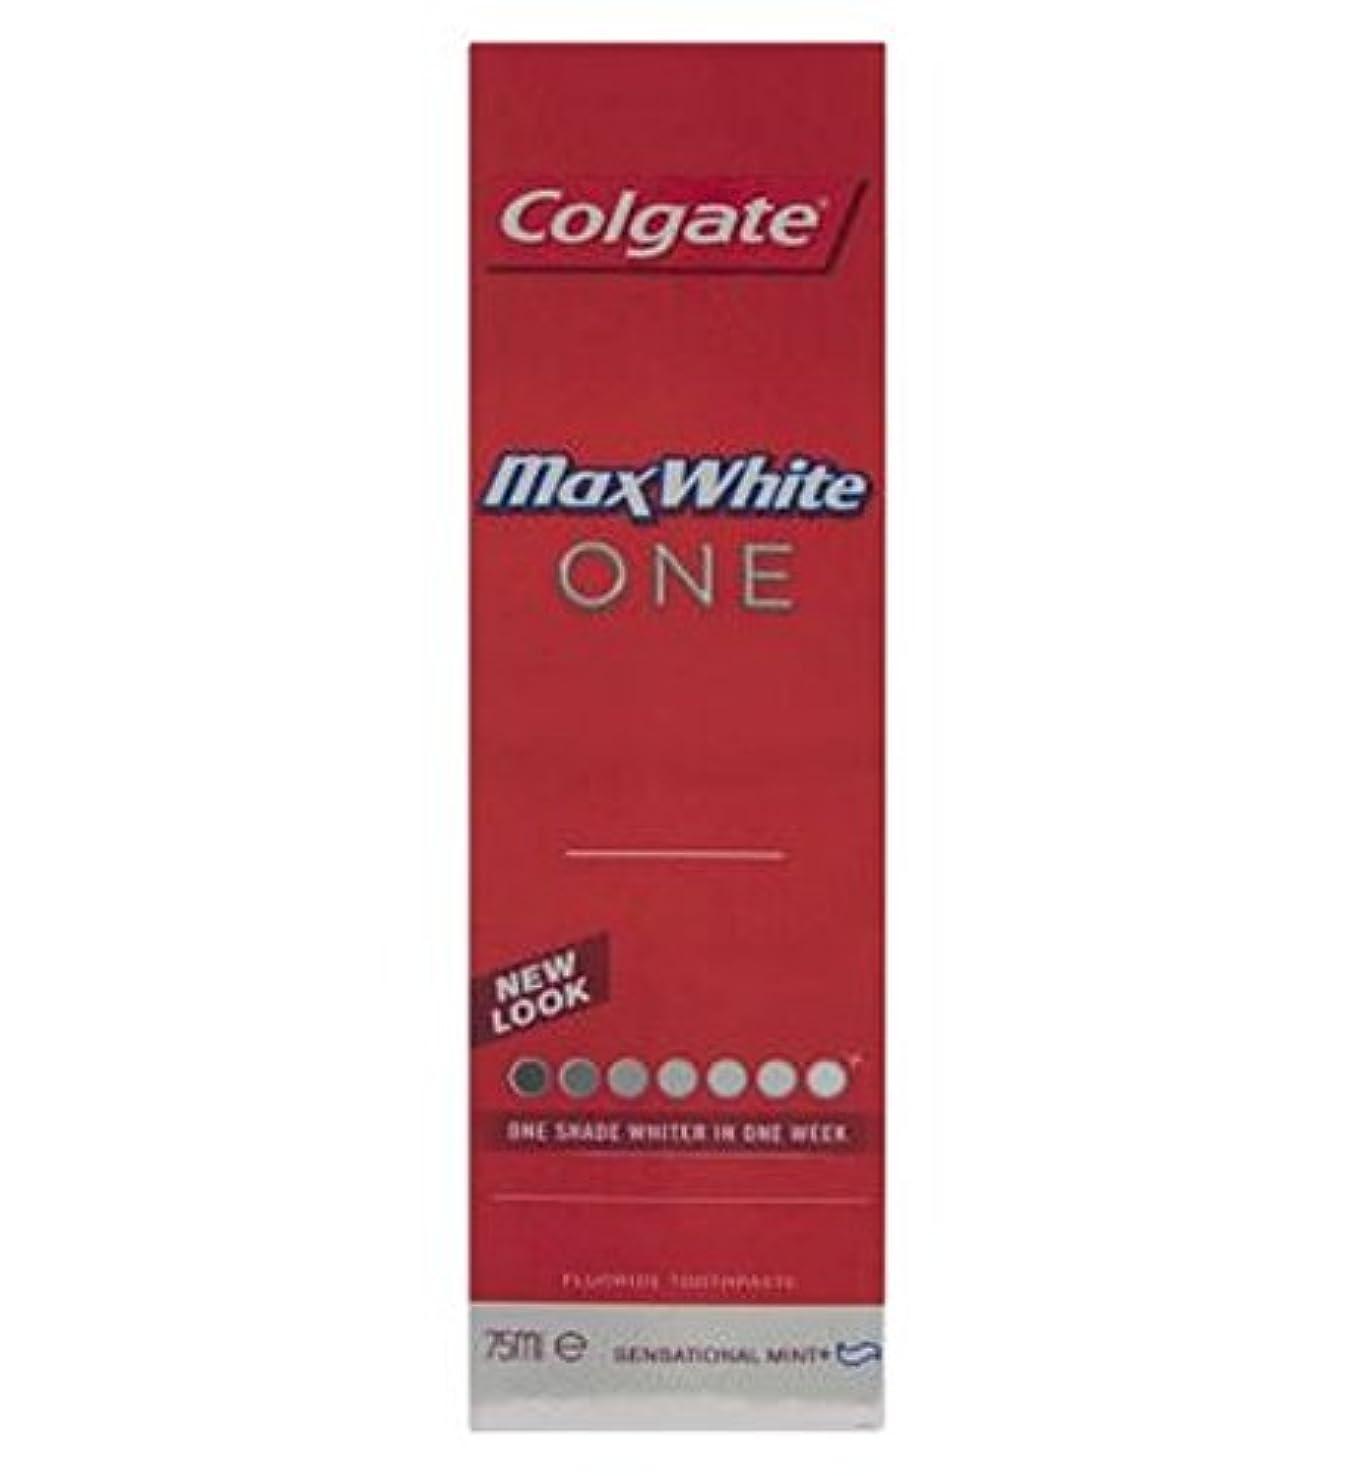 目の前の貧しいひいきにするコルゲートマックスホワイト1新鮮な歯磨き粉75ミリリットル (Colgate) (x2) - Colgate Max White One Fresh toothpaste 75ml (Pack of 2) [並行輸入品]